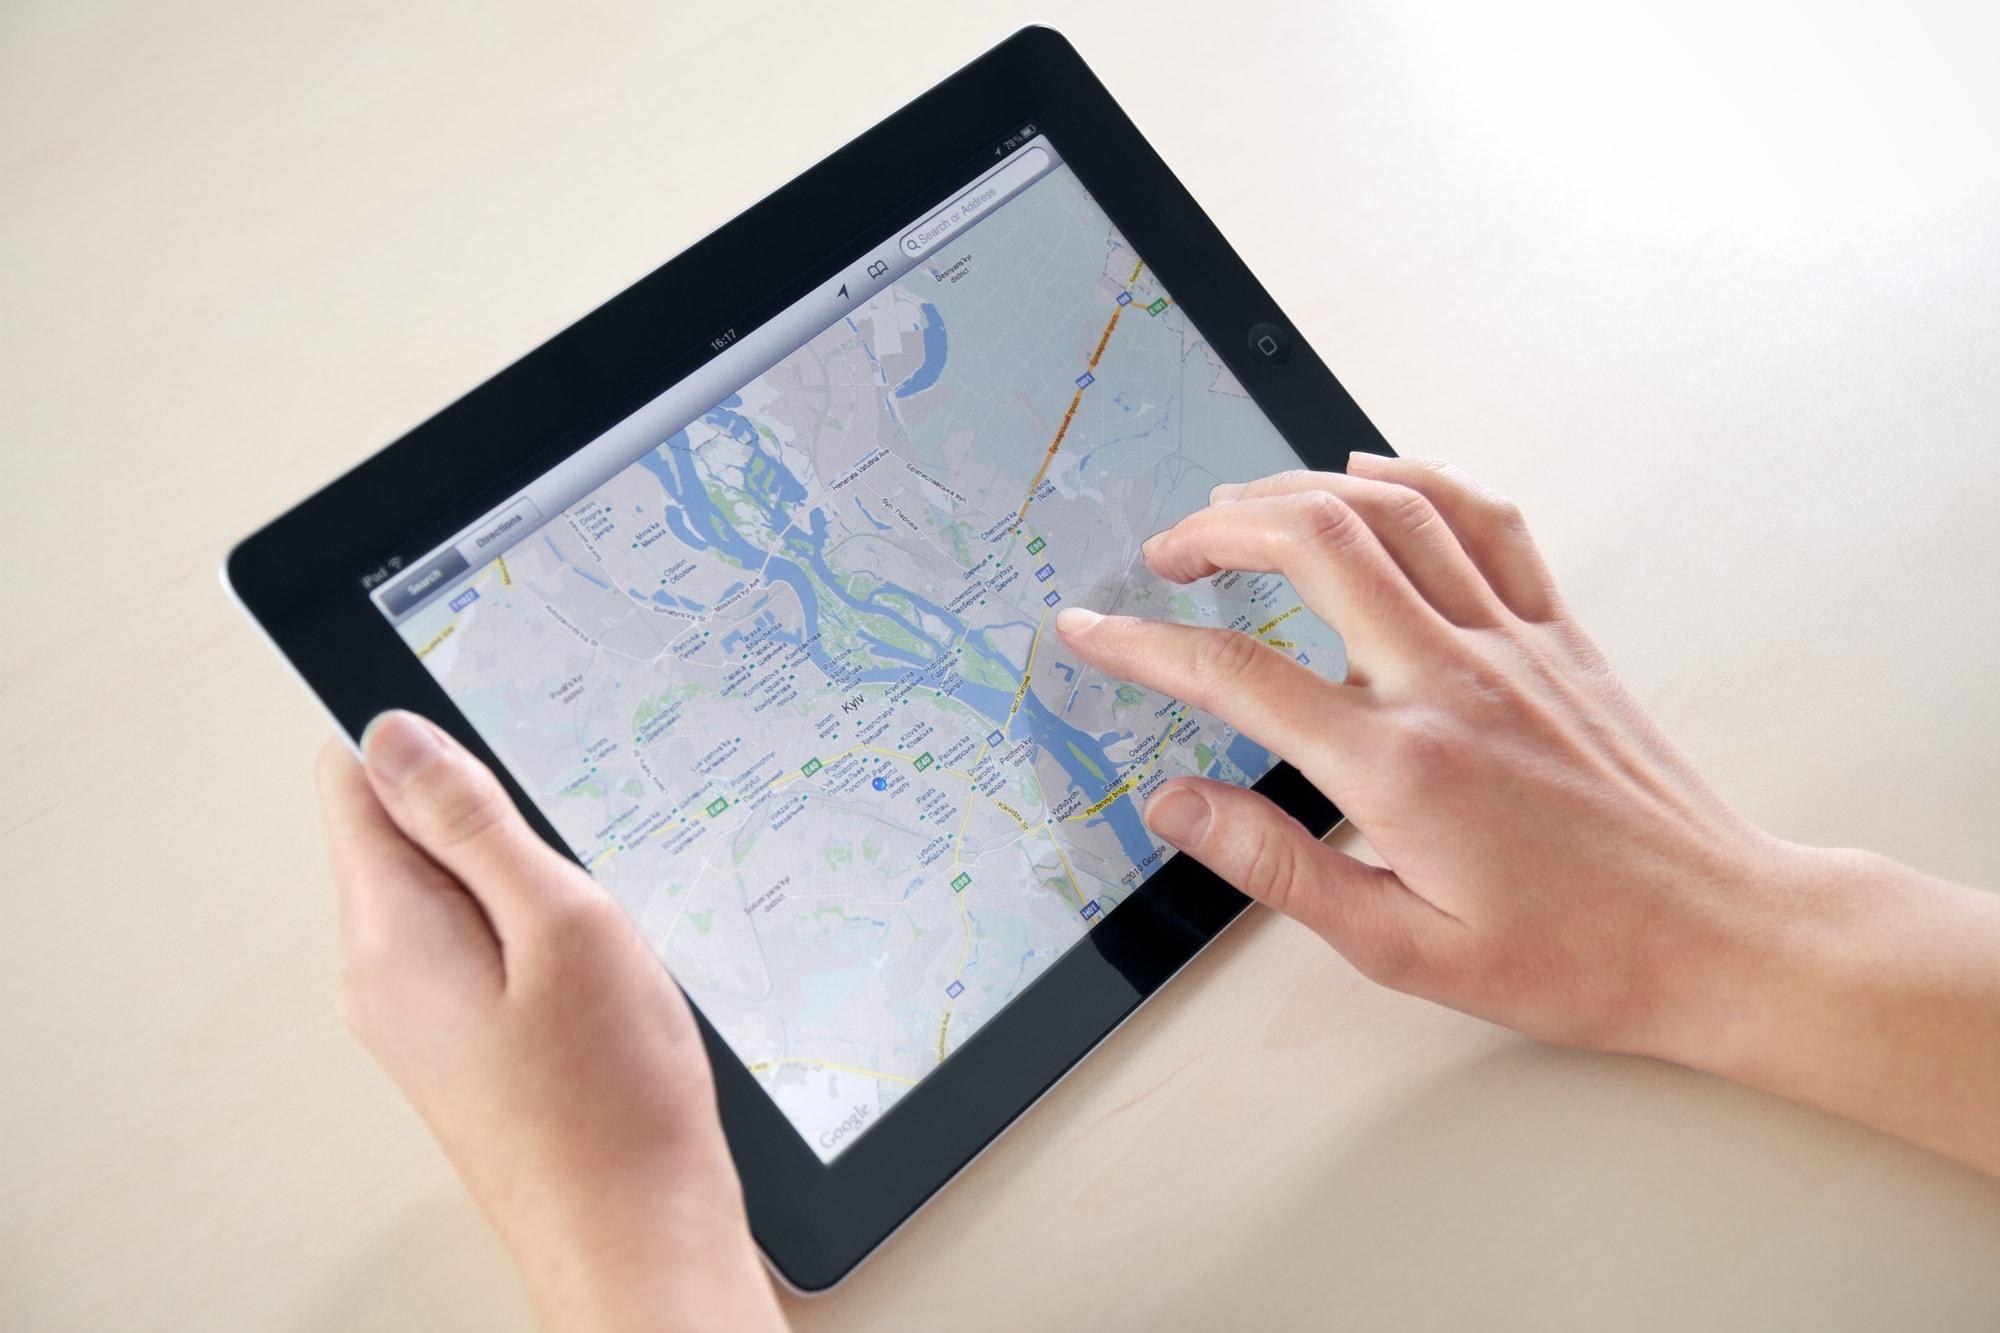 aprenda-a-fazer-com-que-a-sua-oficina-mecanica-apareca-no-google-maps.jpeg